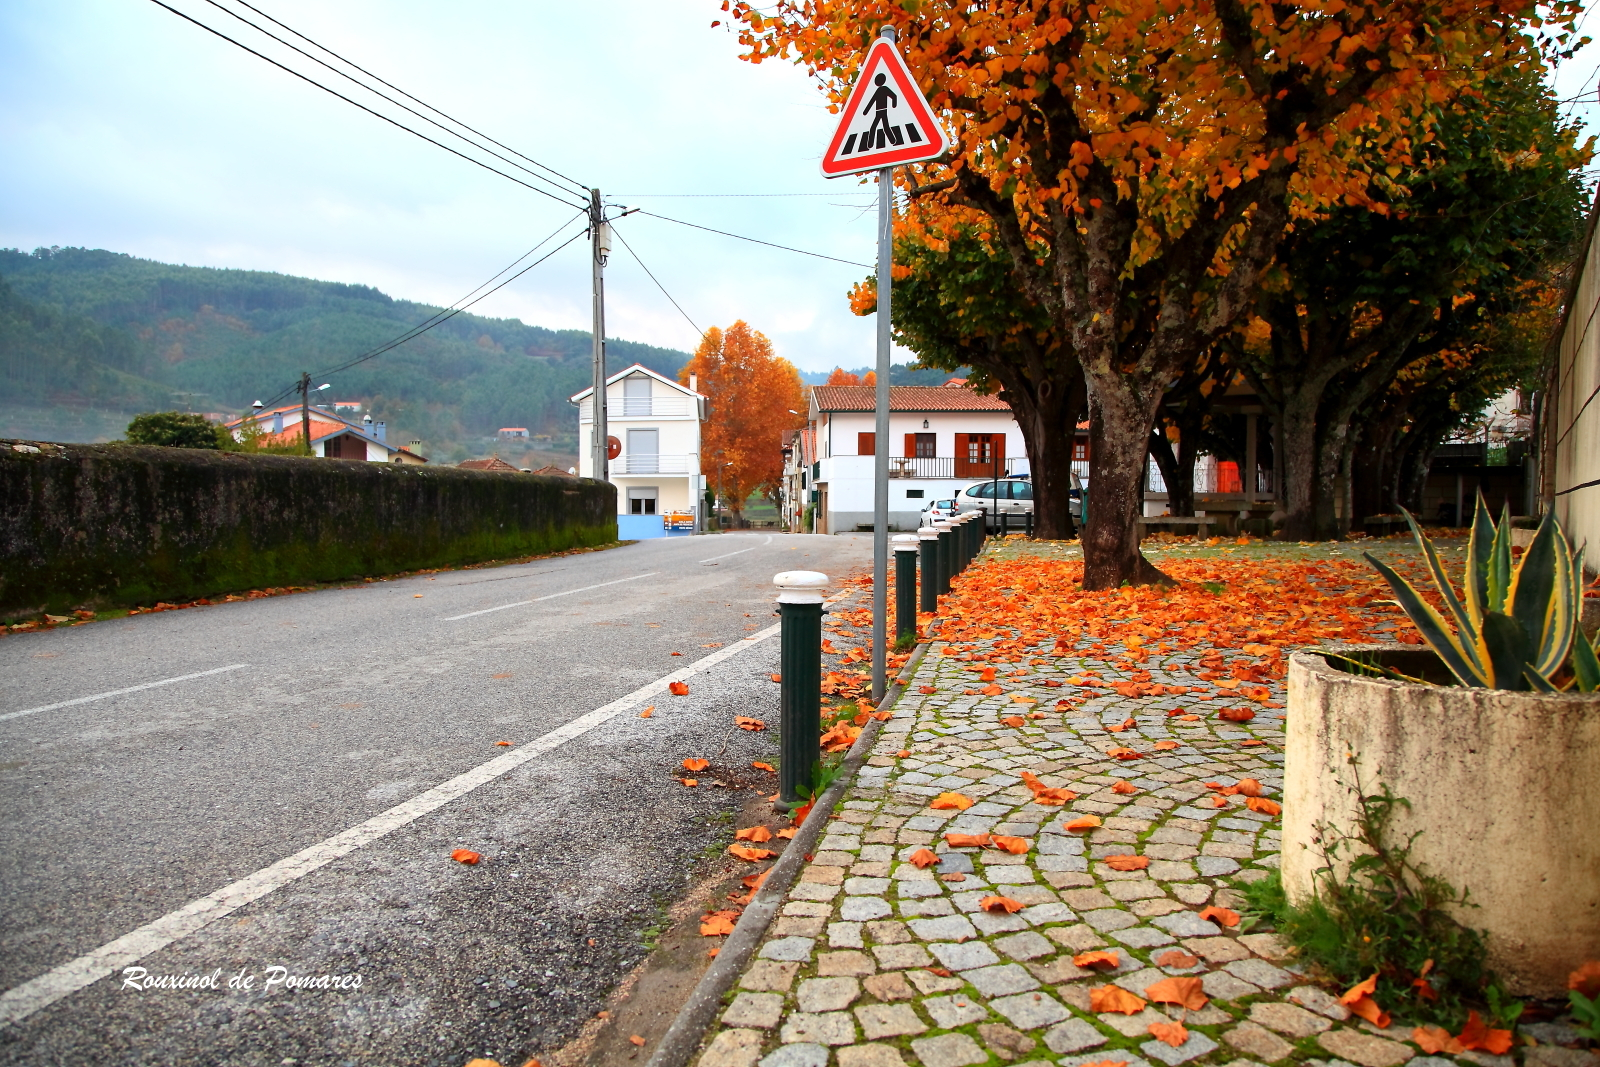 Outono em Pomares I (1)